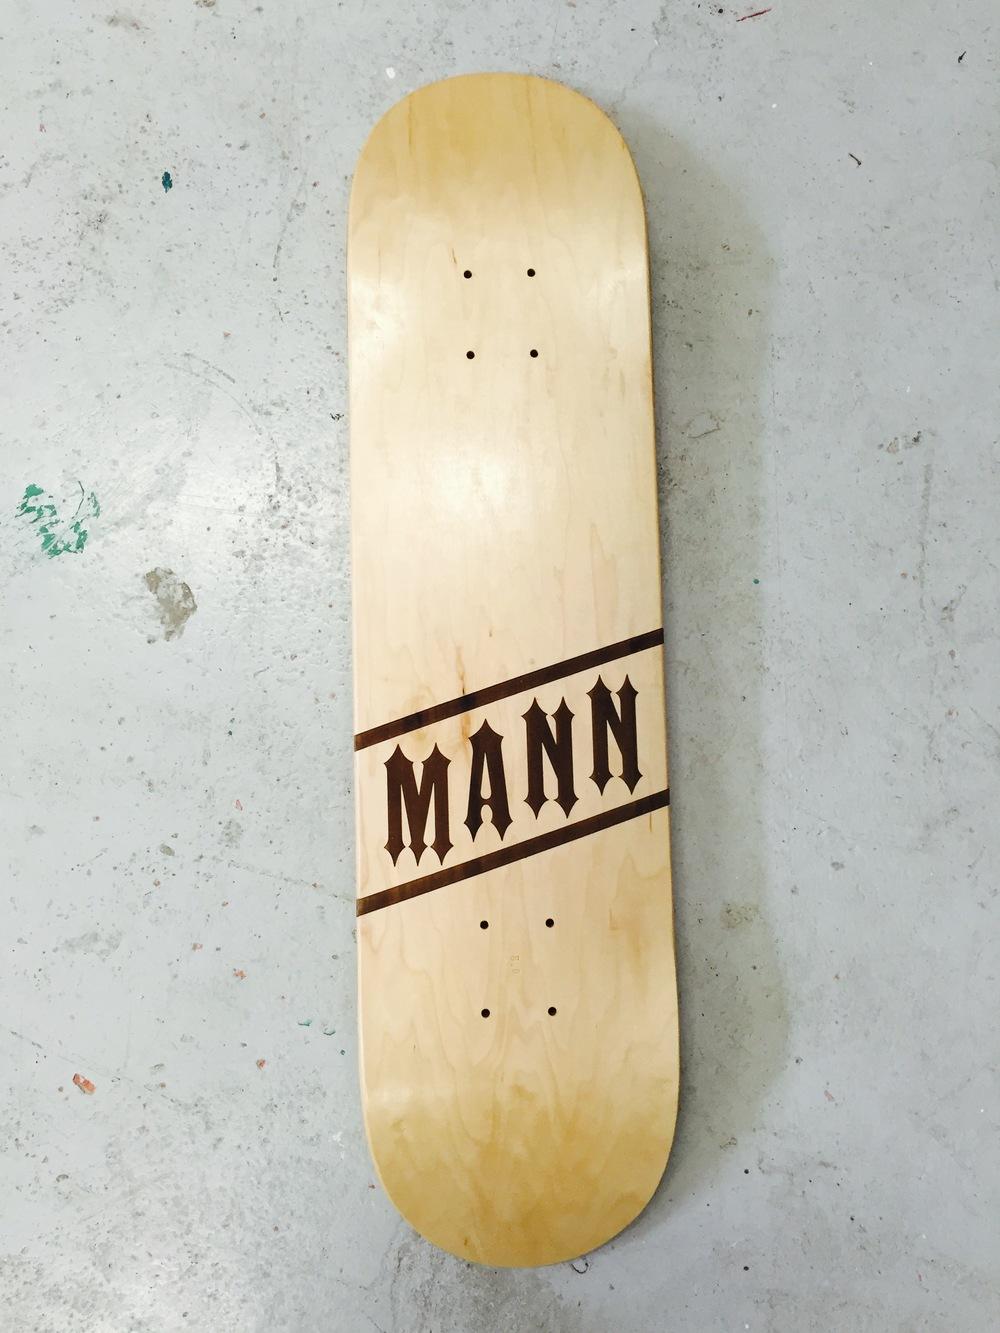 BEN MANN